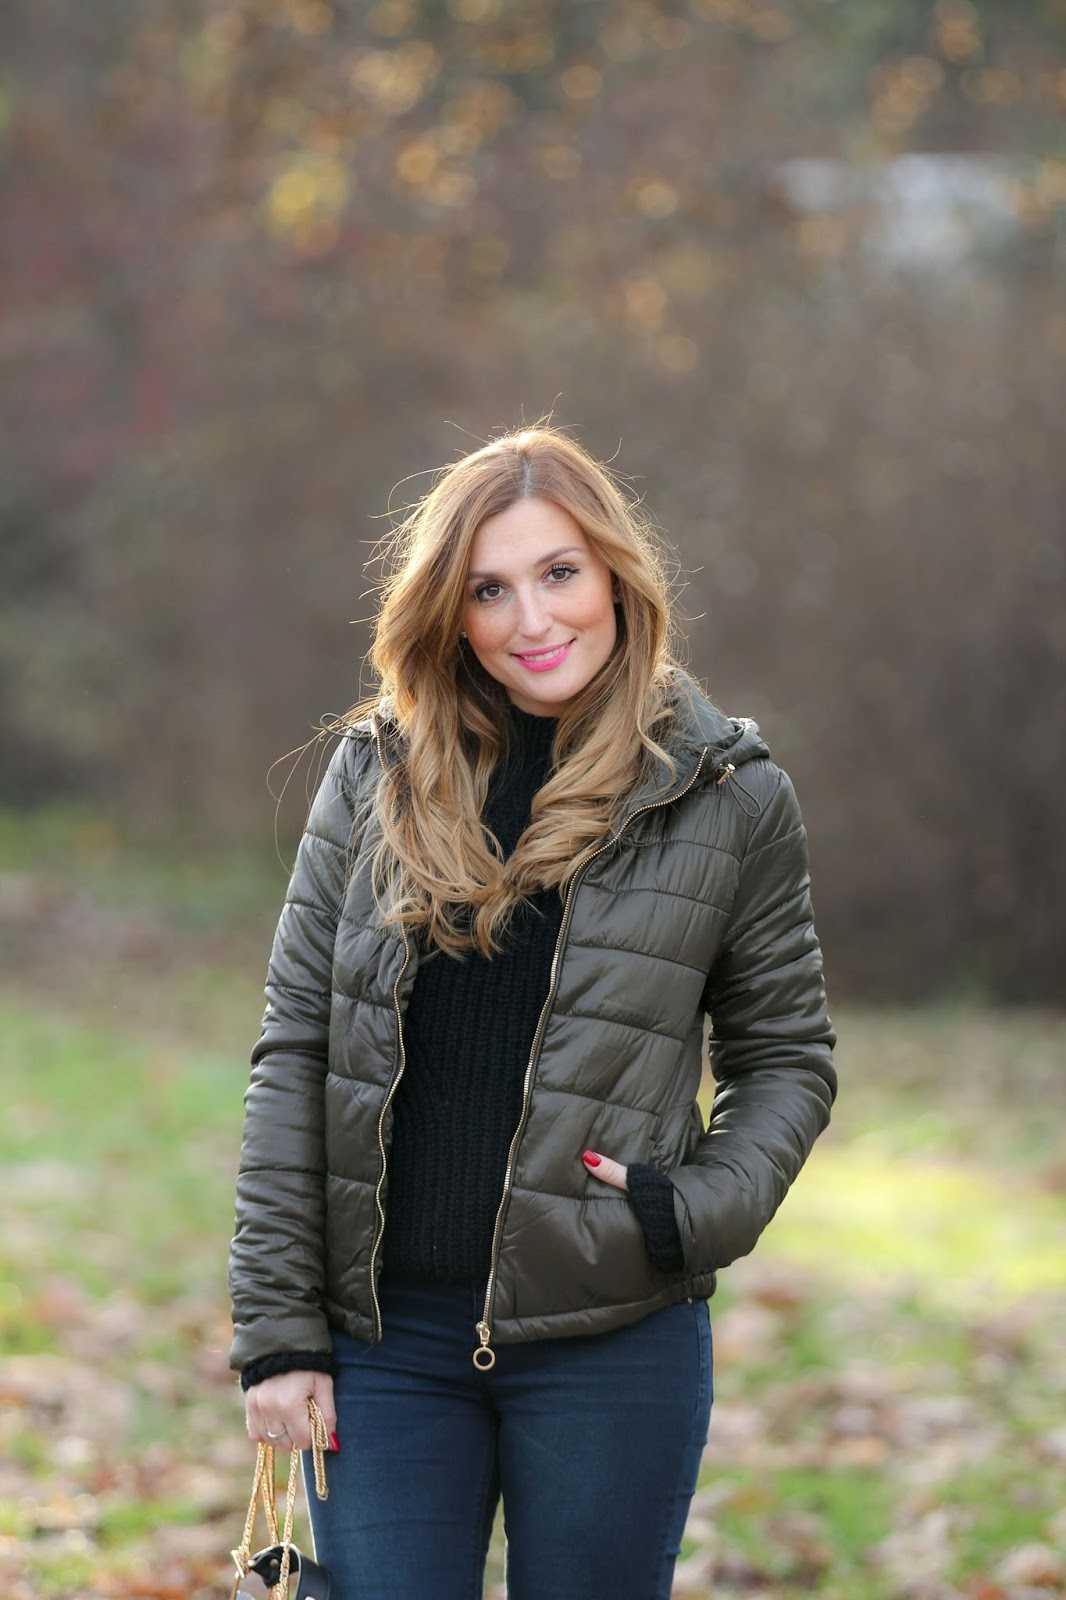 Daunenjacke-Winter-Outfit-Daunenjacke-Fashionstylebyjohanna-undone-Look-Ripped-Jeans-Lederjacke-winter-winterfashion-streetsylefashion